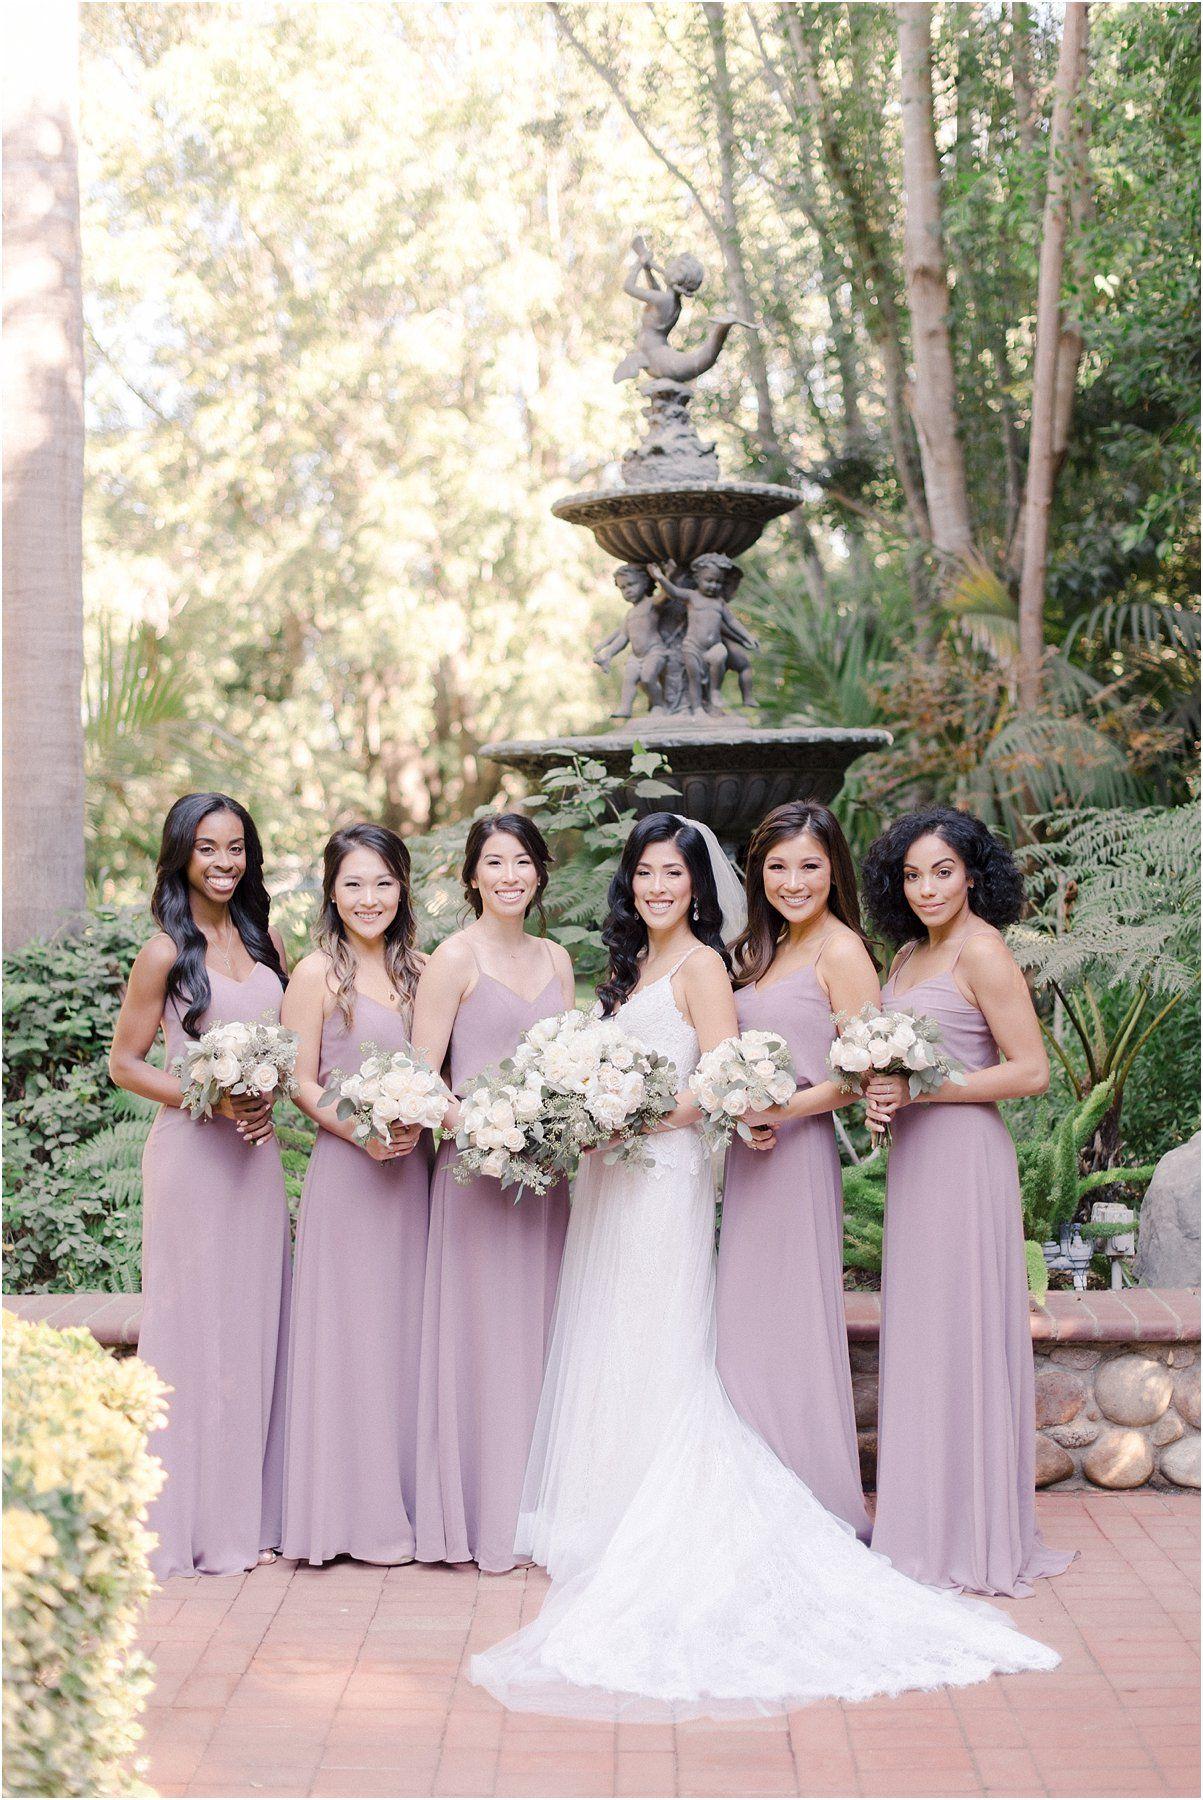 69853367edd Birdy Grey bridesmaid dresses. Birdy Grey bridesmaid dresses Grey  Bridesmaid Gowns